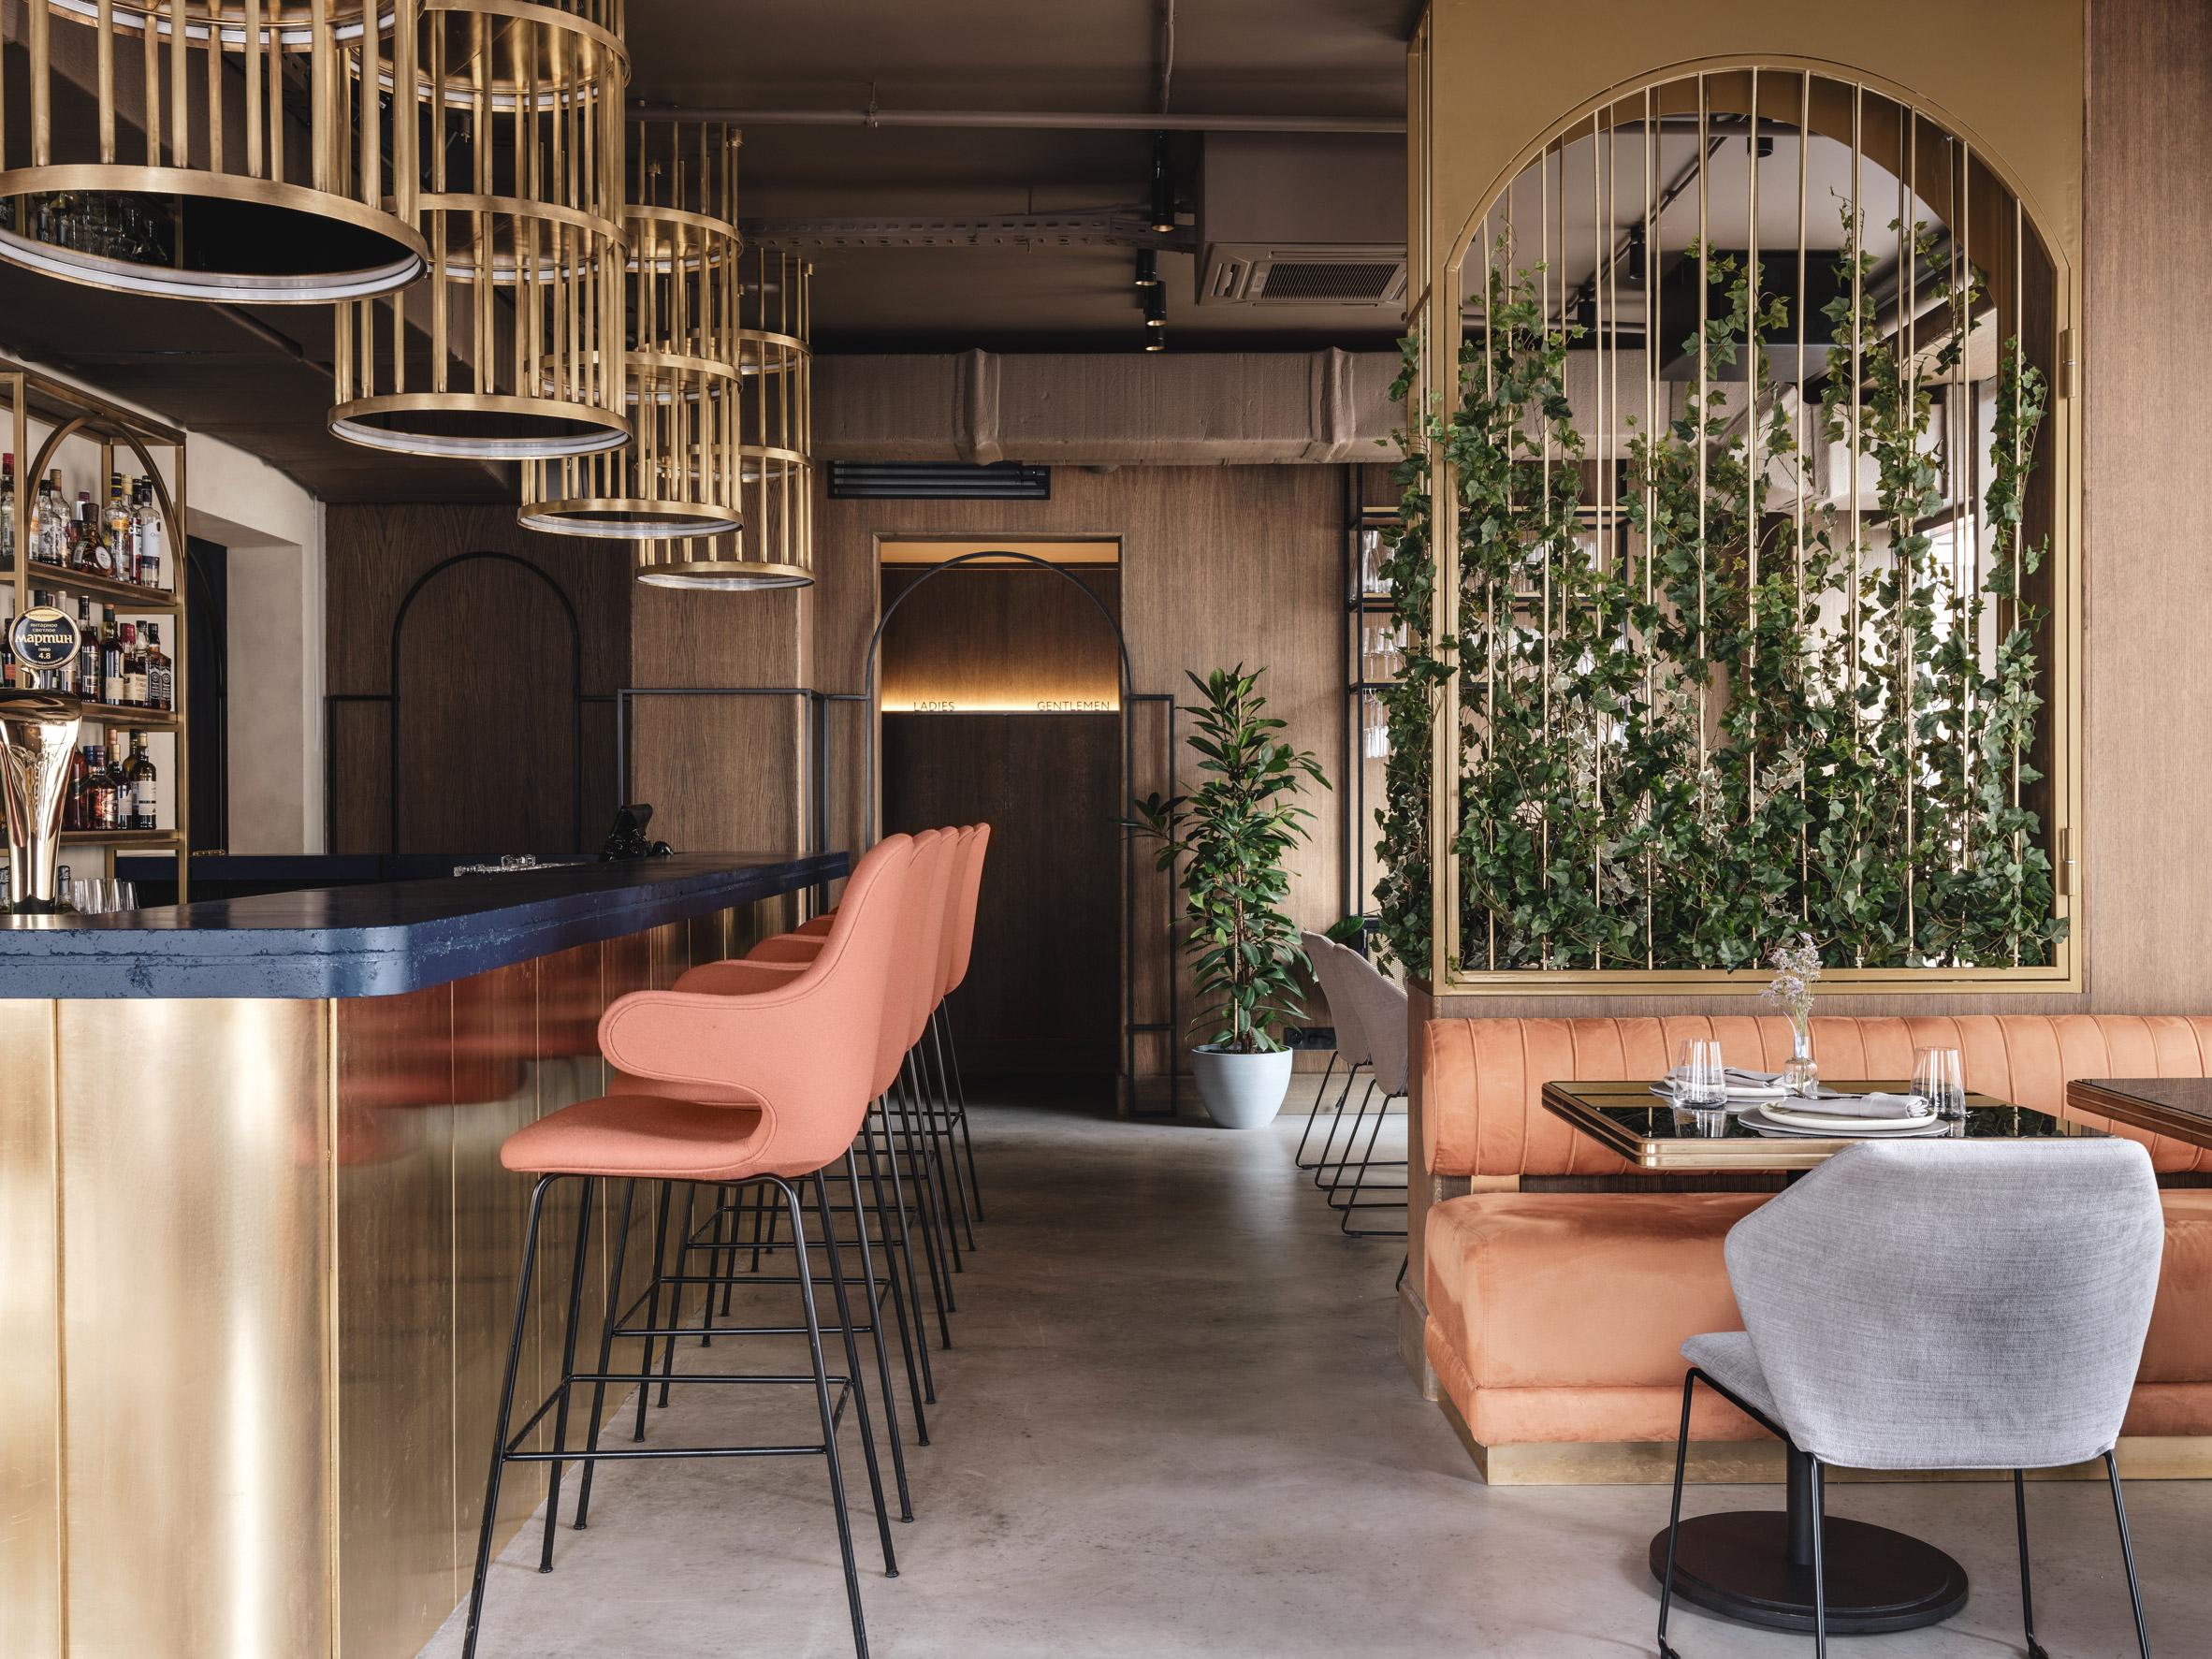 Bar with peach bar stools